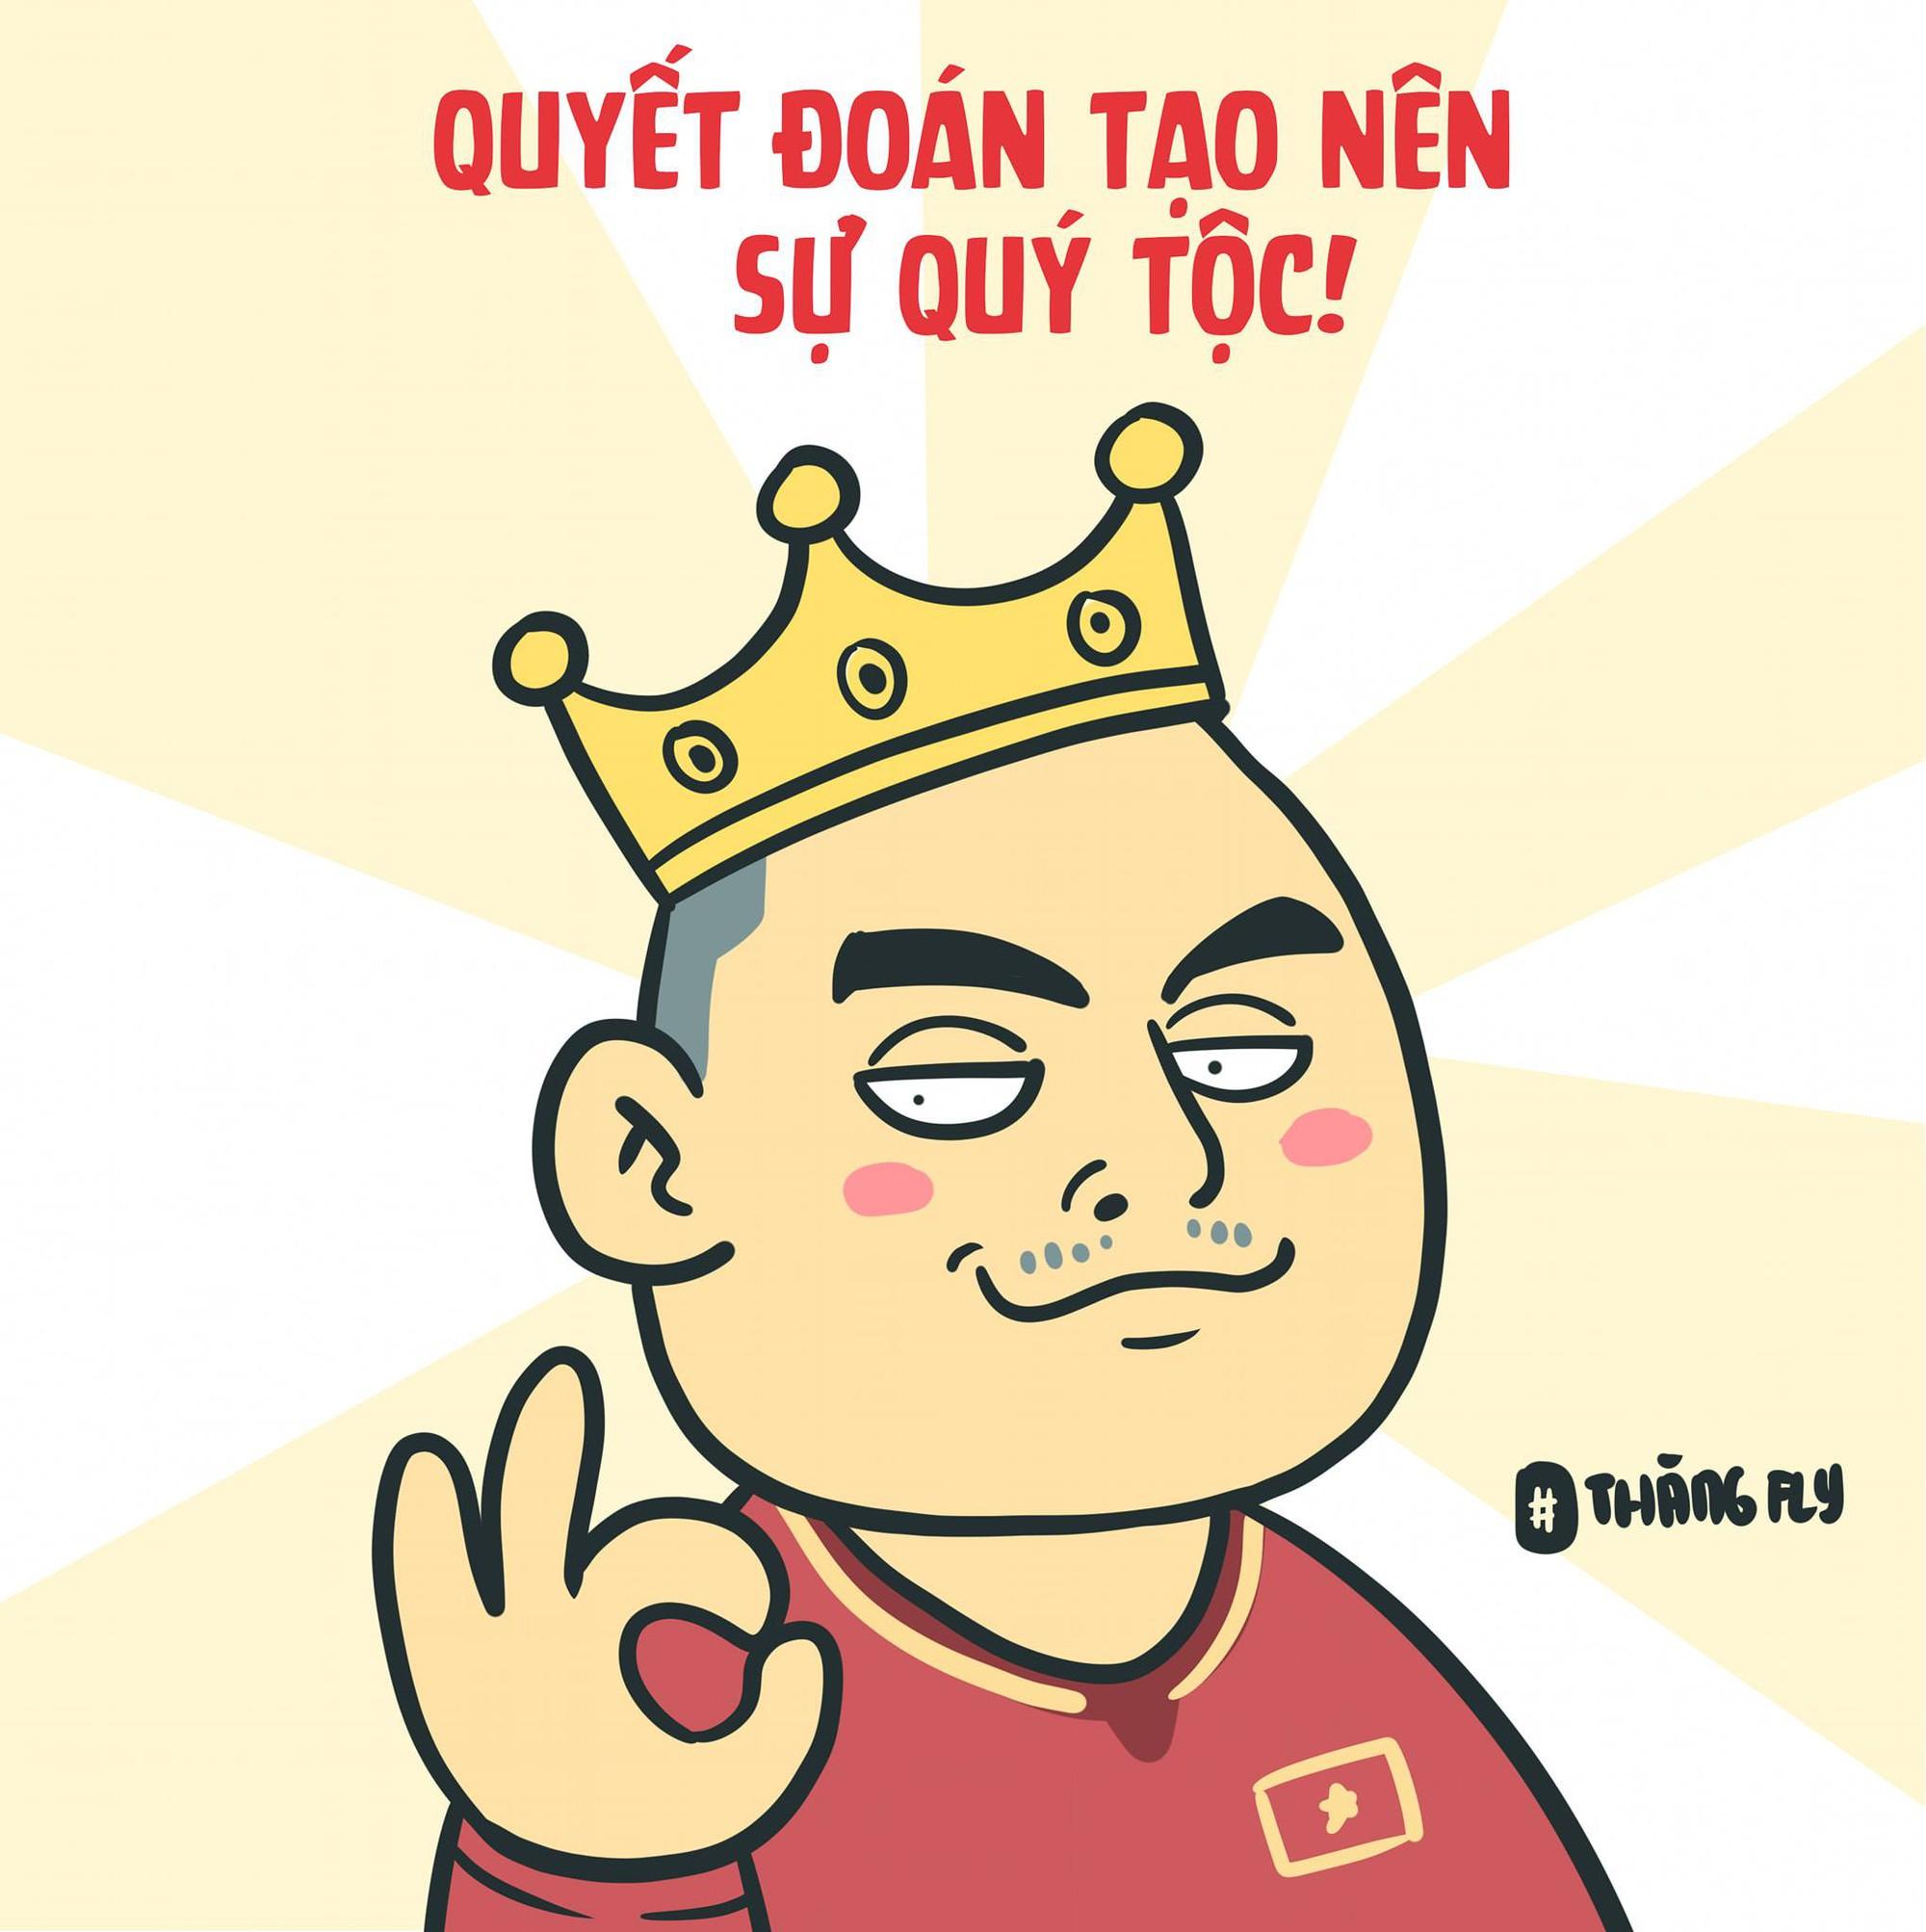 Tuyển Việt Nam không giành chức vô địch Kings Cup thì có sao, Đức Huy vẫn tích cực mua vui cho dân mạng đây này-3